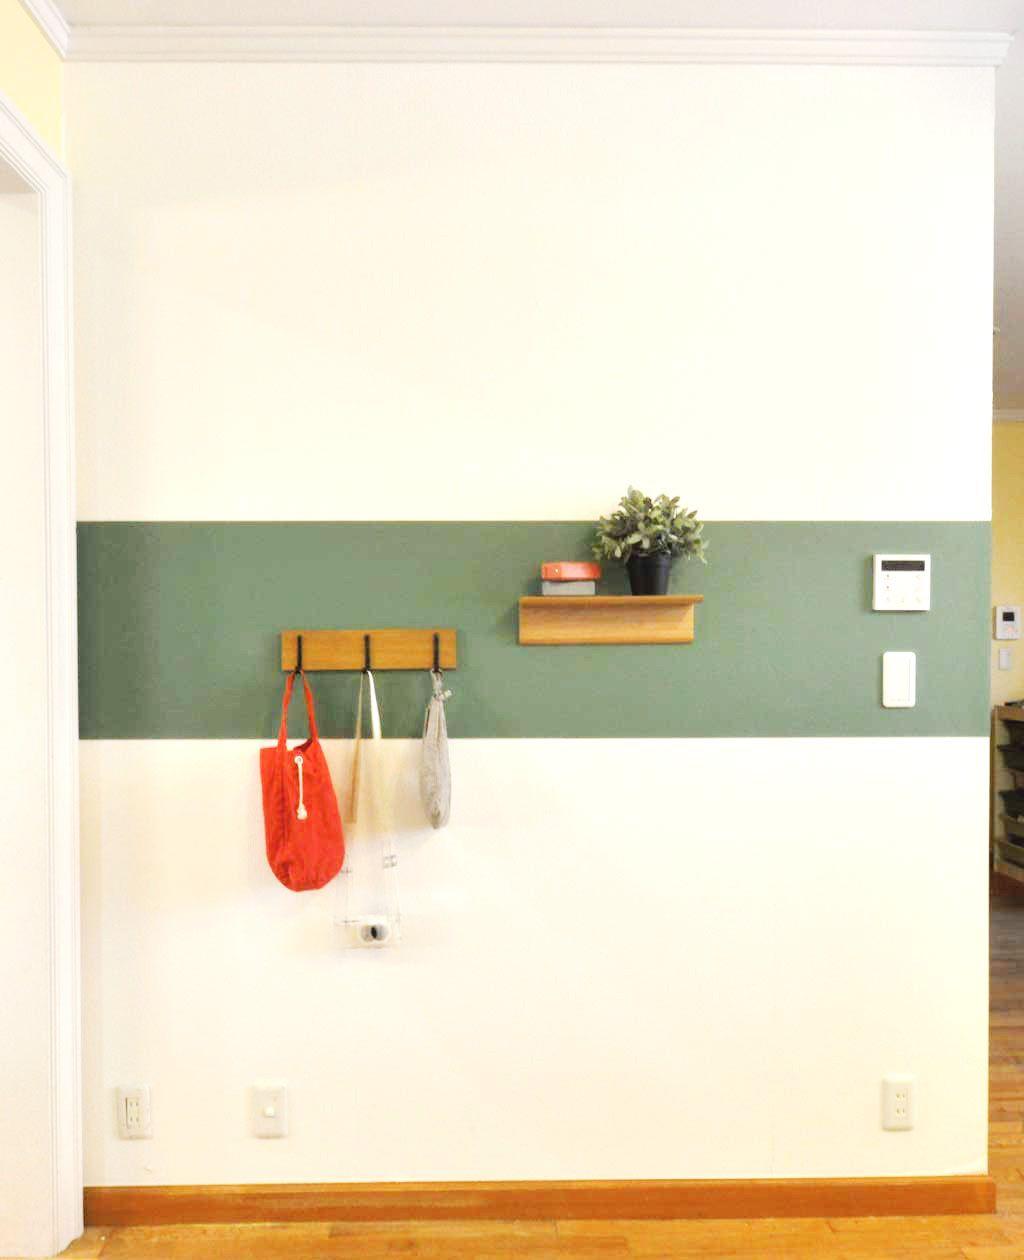 マグネットボード 磁石が壁につくワンダーペーパーマグネット インテリア インテリア 家具 壁デコレーション